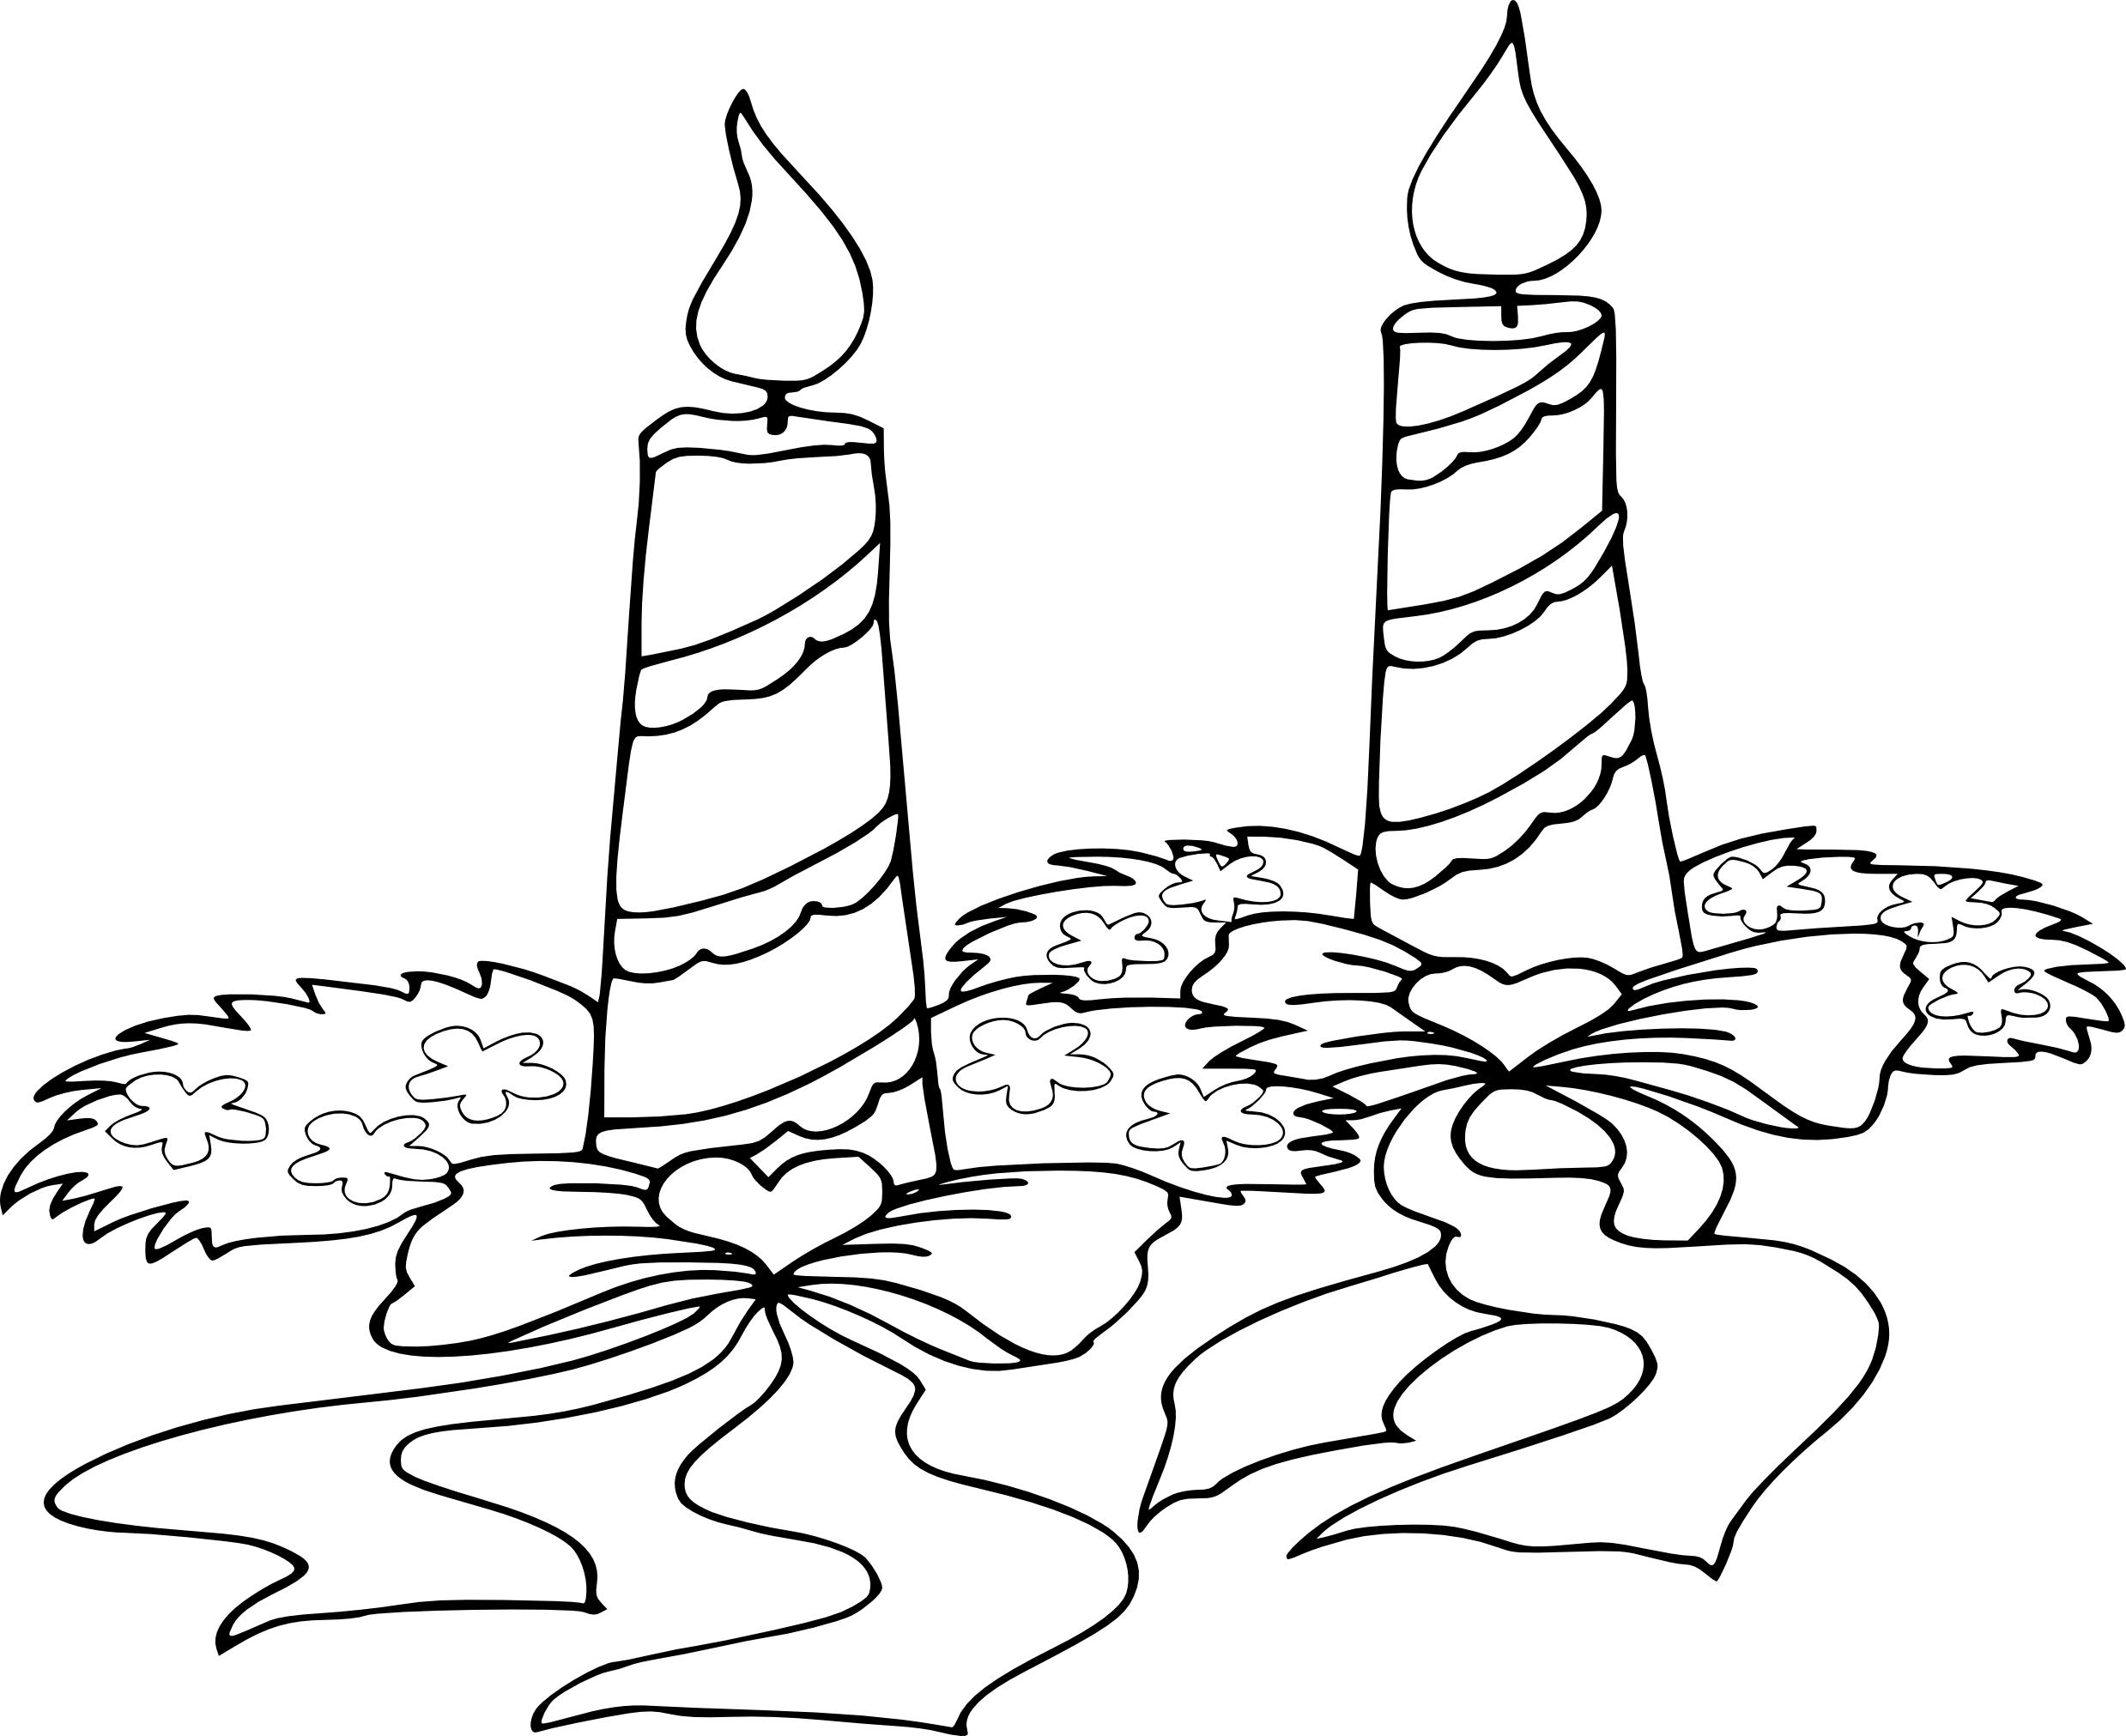 Coloriage bougies de no l imprimer - Dessin de bougies ...